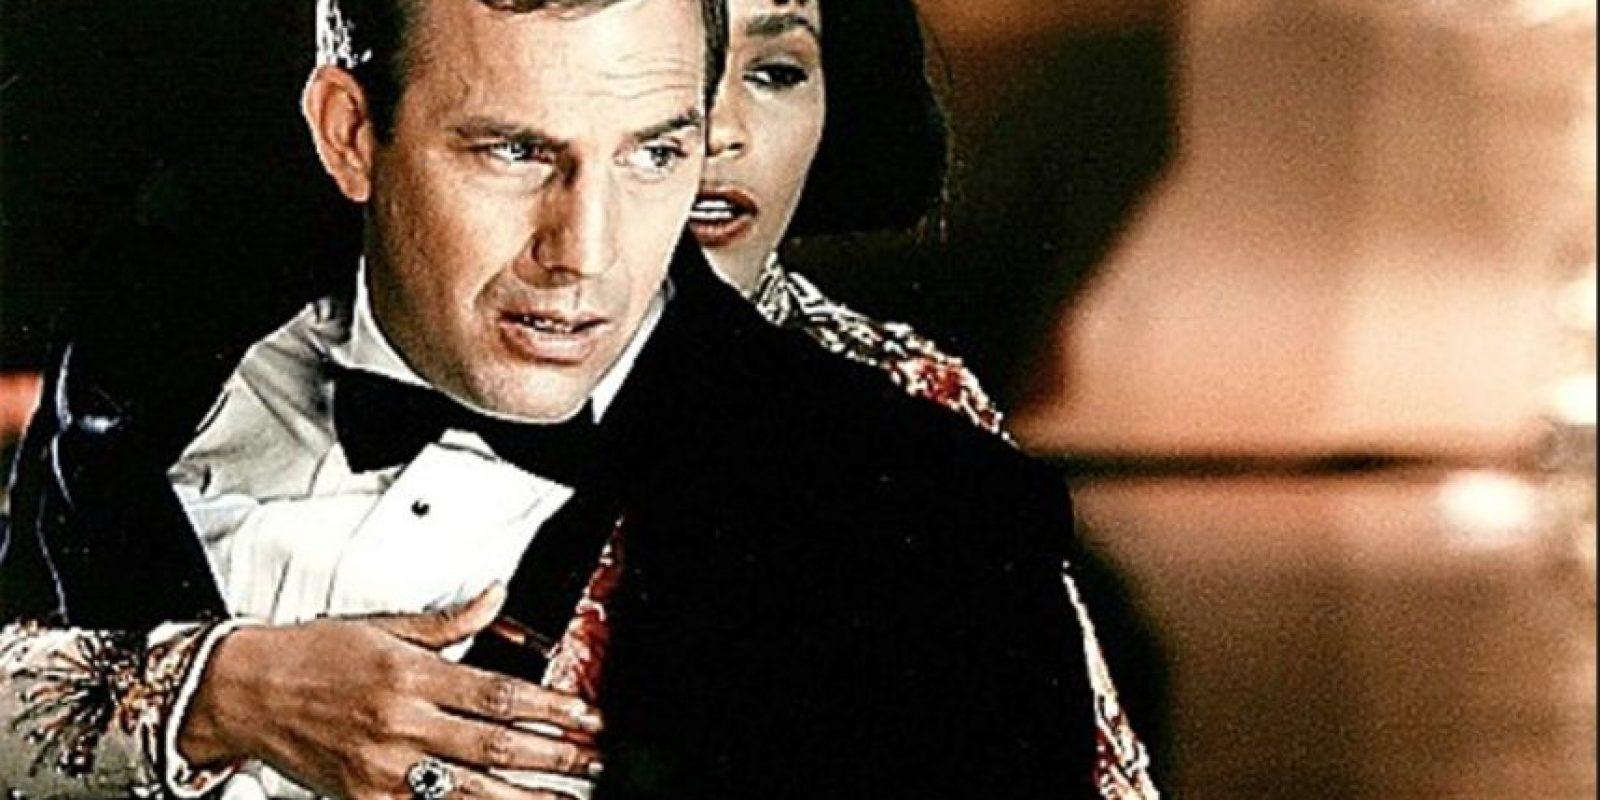 Whitney Houston tenía miedo de no saber actuar. En una entrevista para la Rolling Stone dijo que tenía miedo de no hacerlo bien ya que coprotagonizaba con Kevin Costner. Pero este la ayudó a hacer un buen trabajo actoral. Foto:Warner Bros